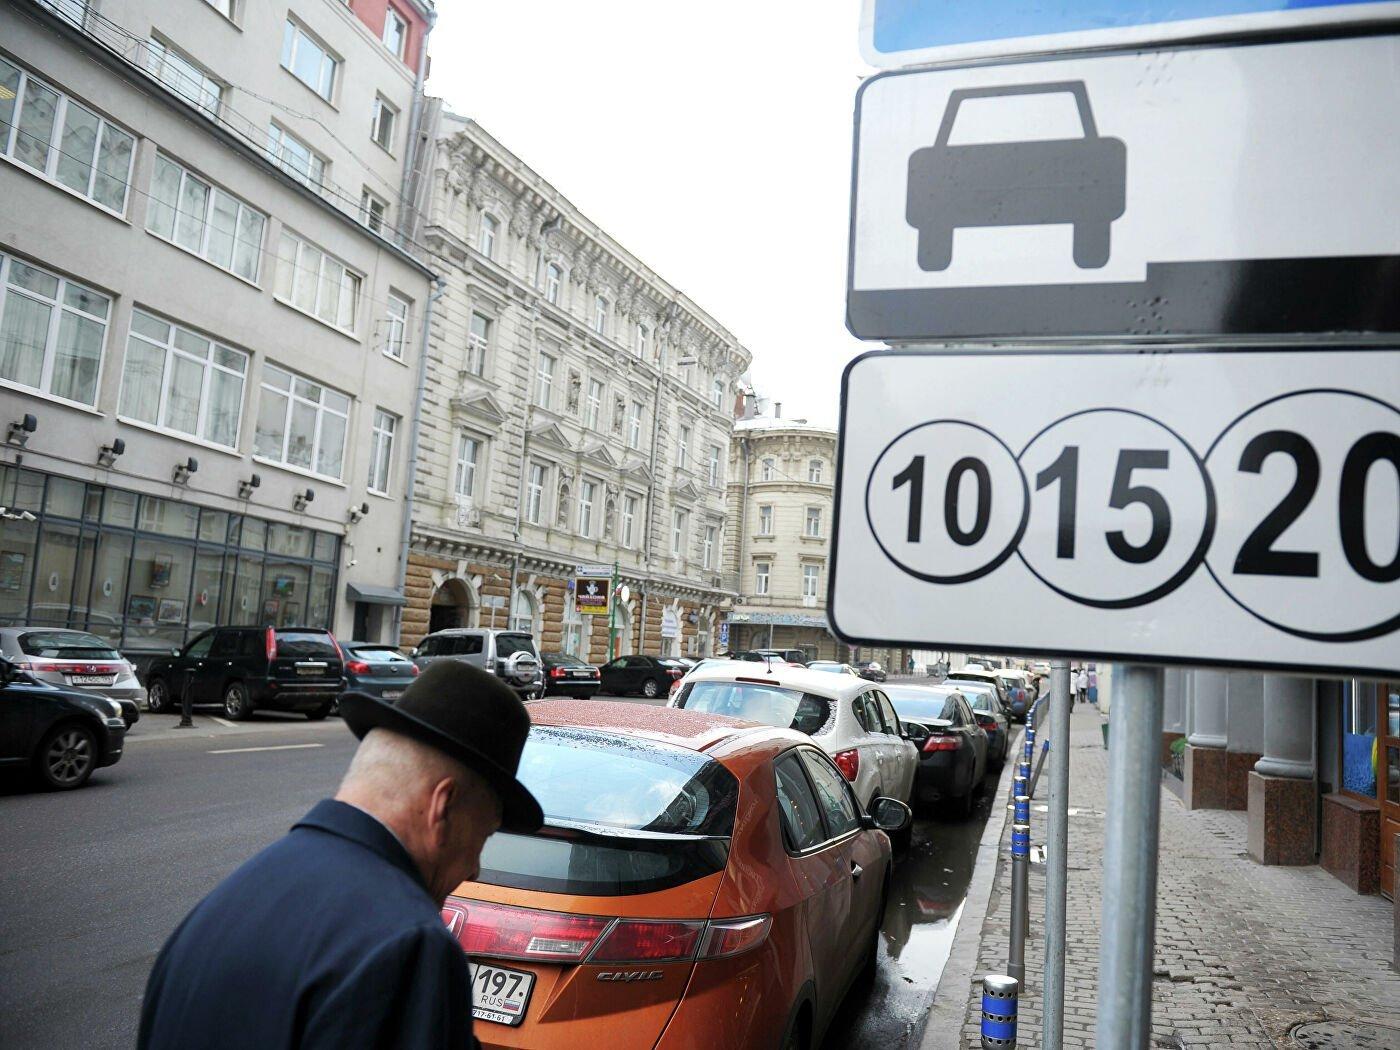 Штраф за неоплату парковки могут снизить